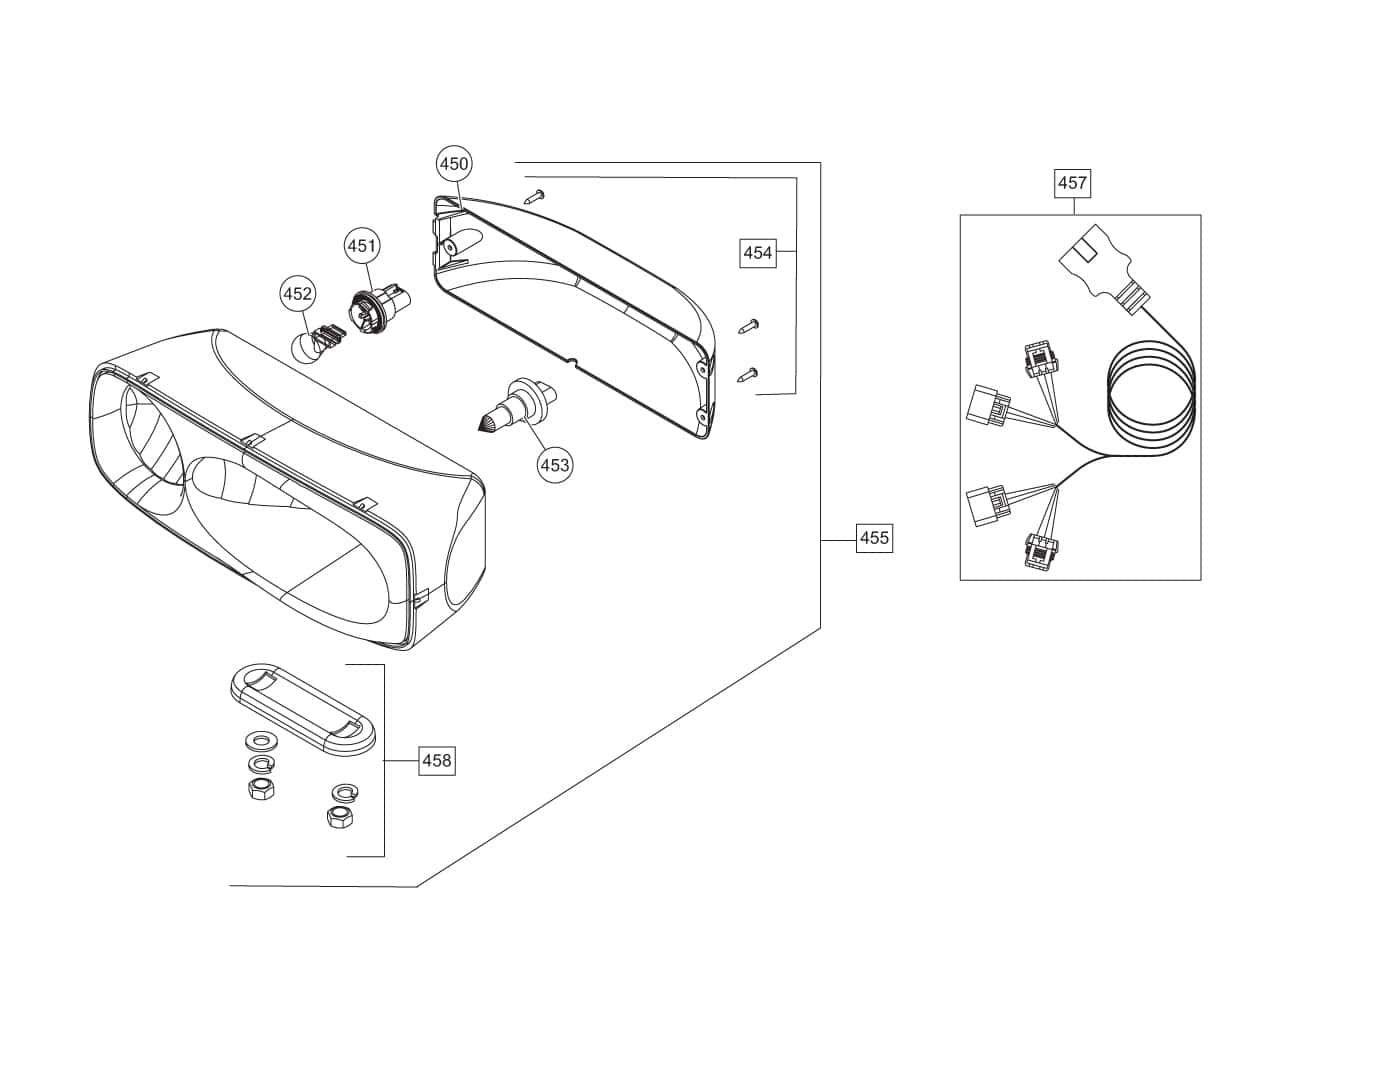 western 1000 salt spreader wiring diagram 2006 ford f150 parts henderson fisher plow